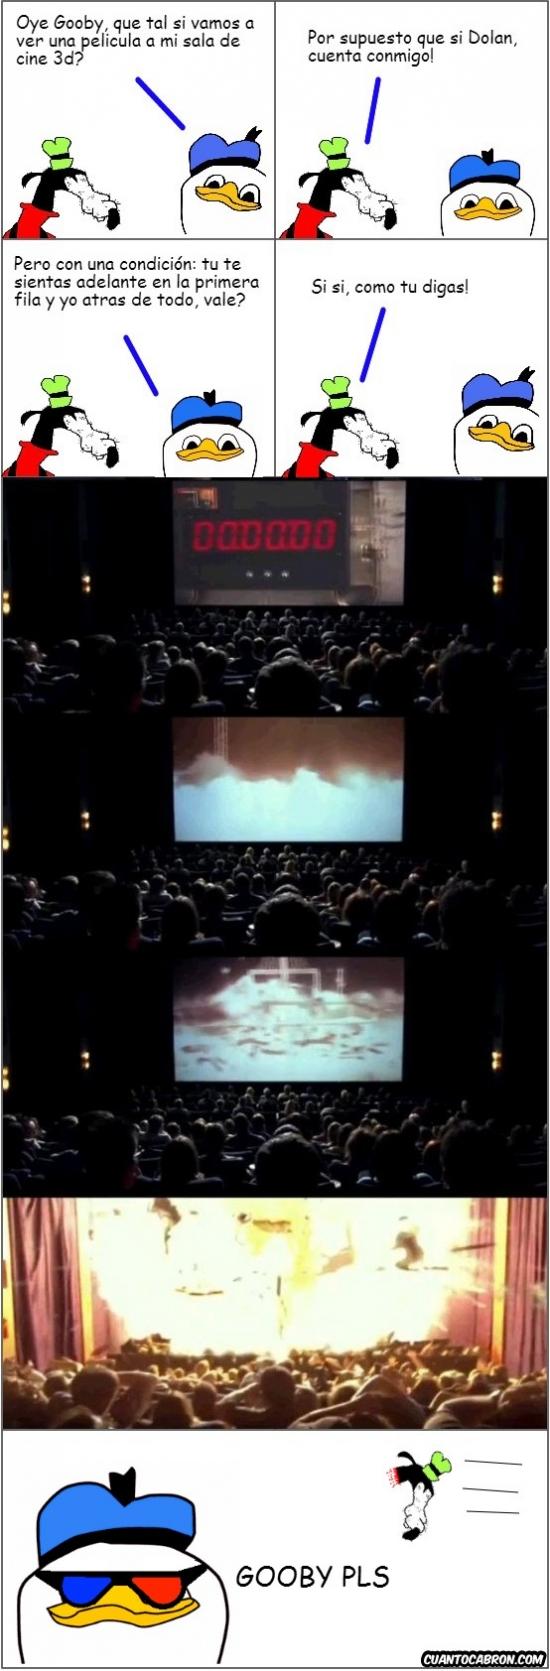 cine 3d,destino final 4,Dolan,Dolan Pls,explosión,Gooby